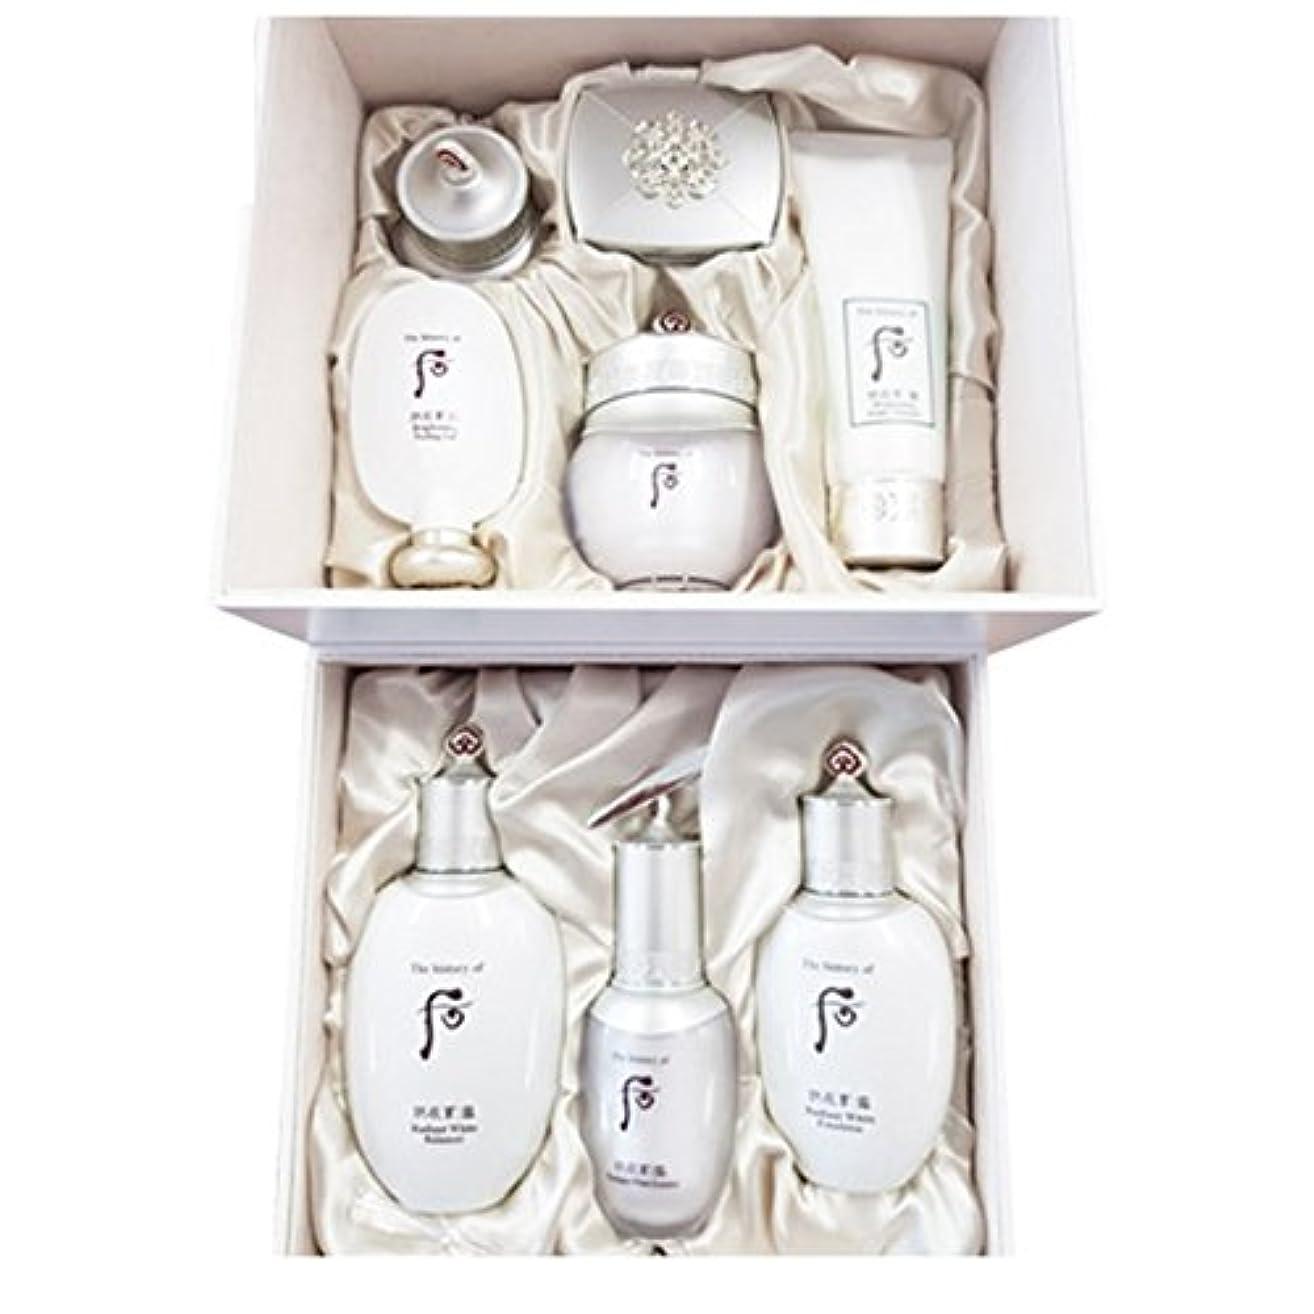 まだら用量潜在的な【フー/The history of whoo] Whoo 后 GONGJIN HYANG SEOL Whitening SkinCare Special Set/後純白スペシャルセット + [Sample Gift](...